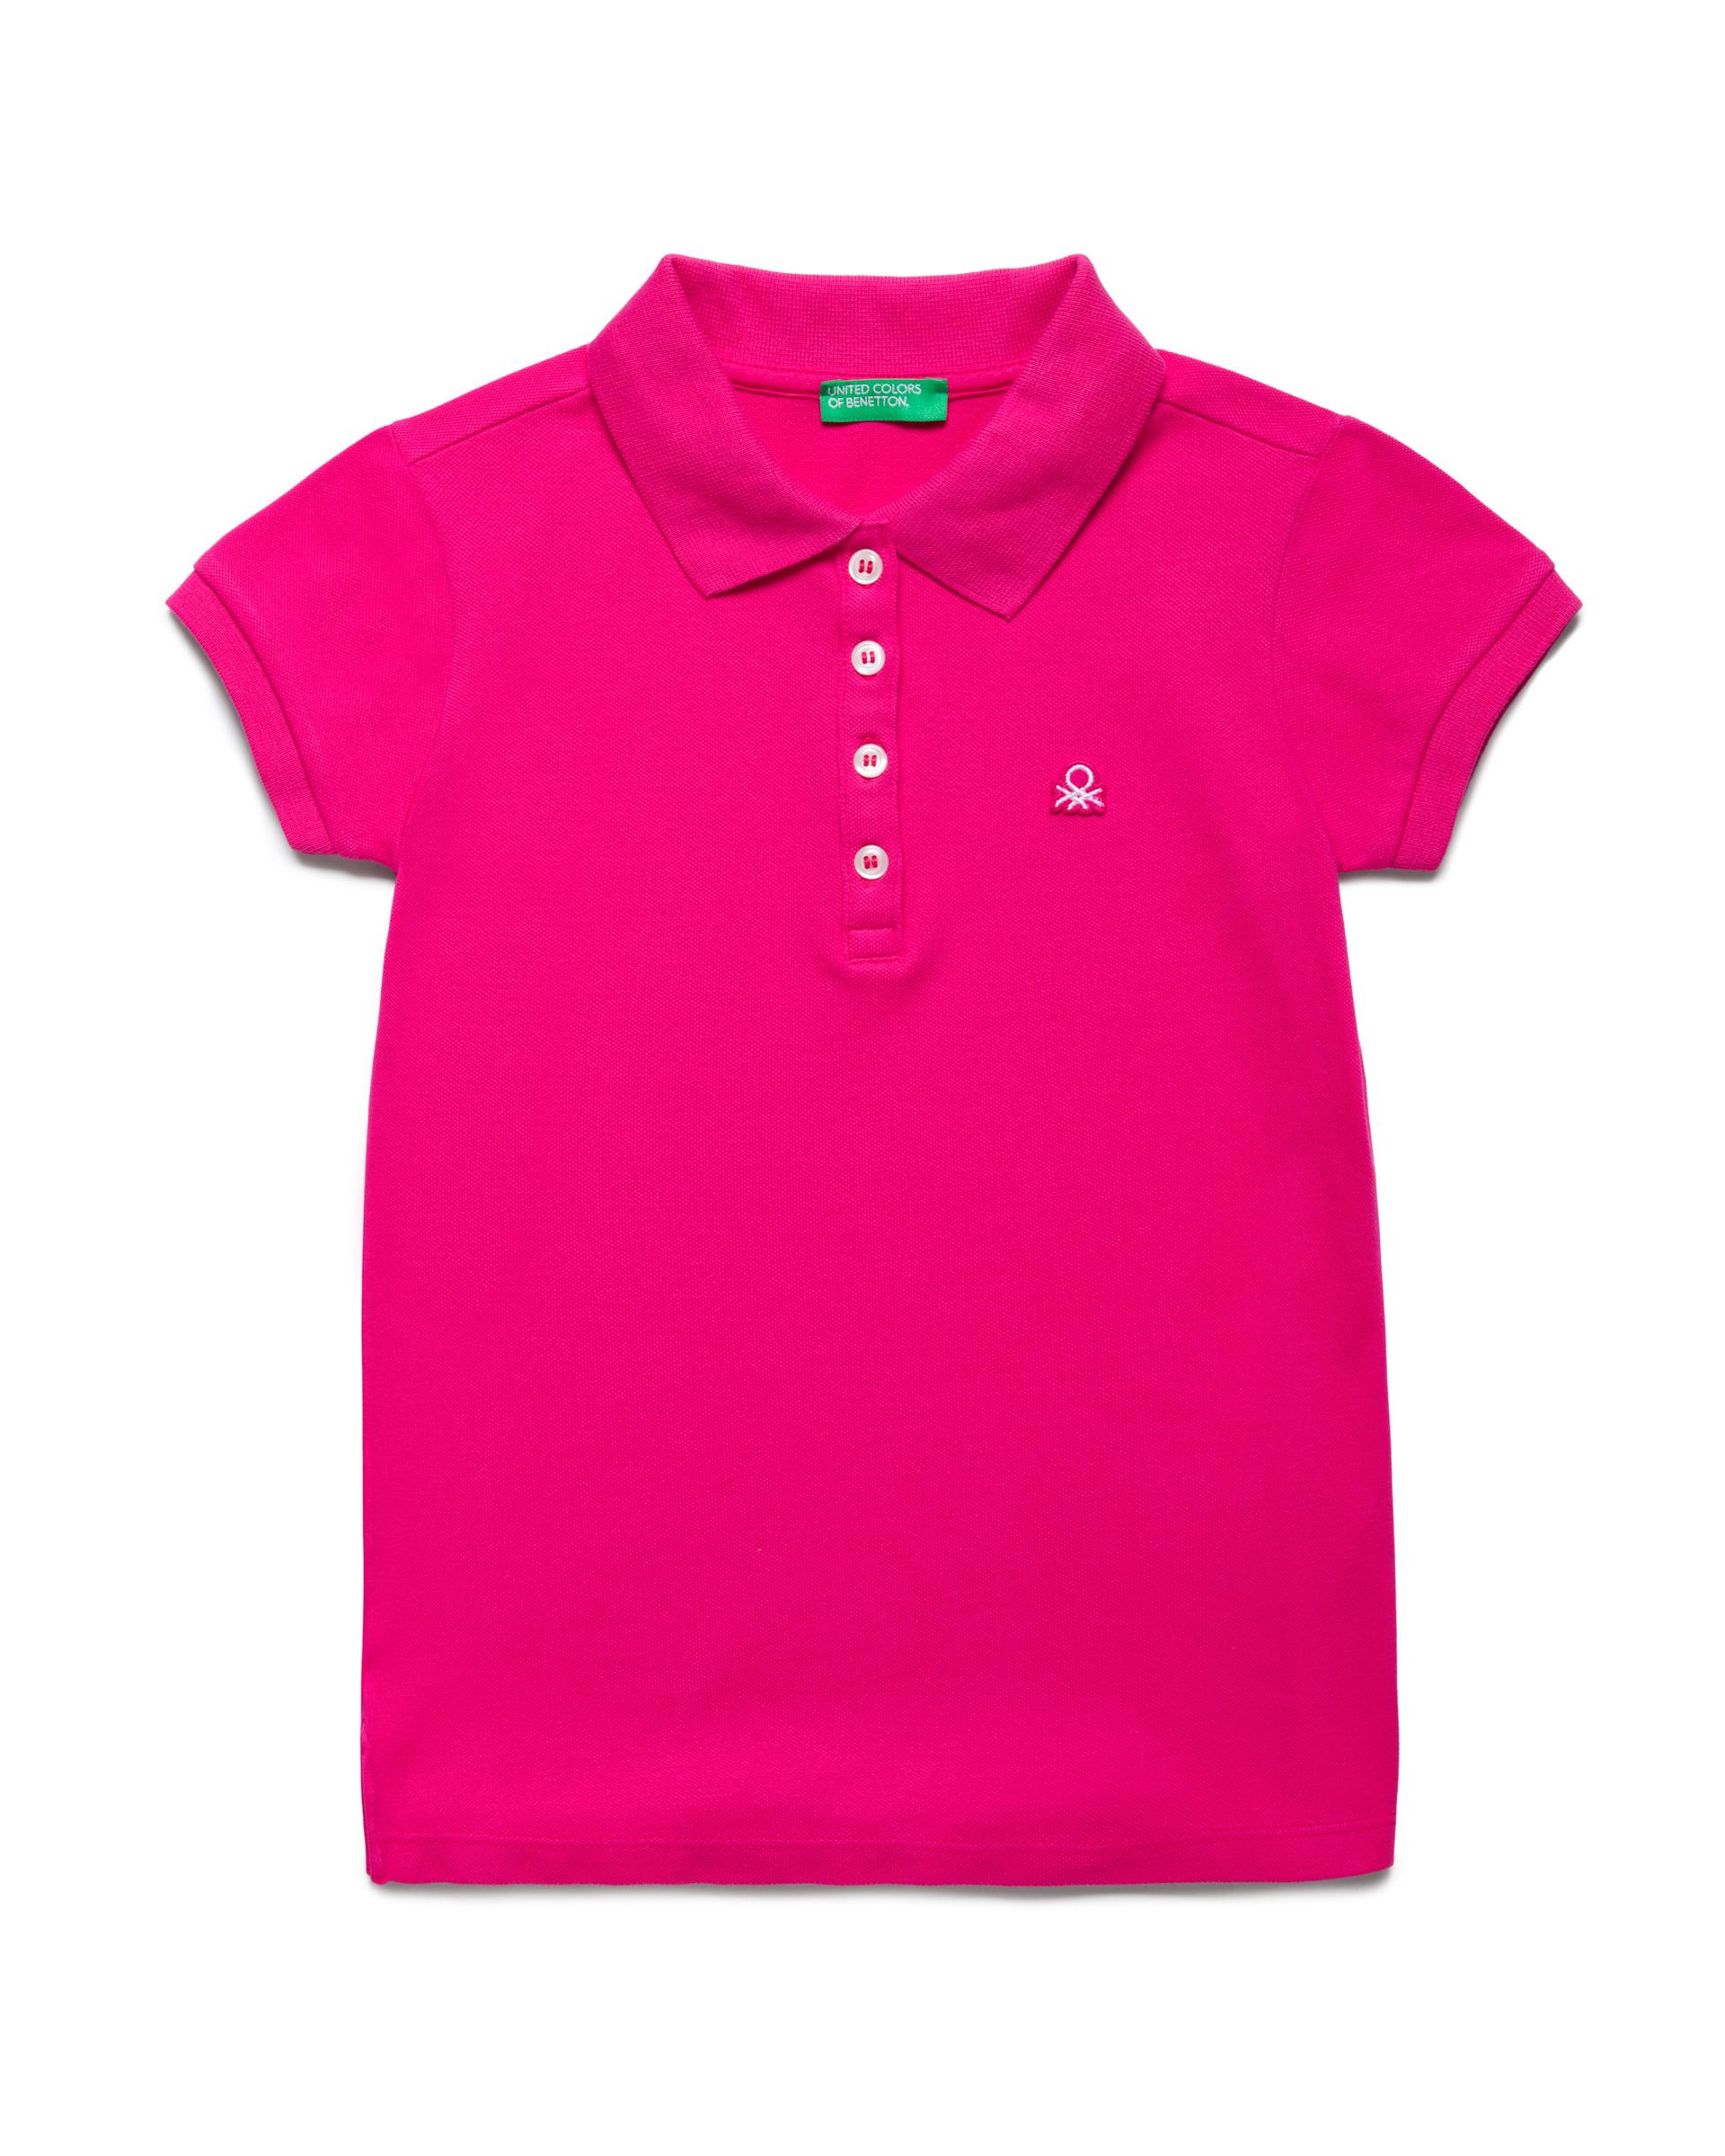 Купить 20P_3WG9C3092_2L3, Поло-пике для девочек Benetton 3WG9C3092_2L3 р-р 158, United Colors of Benetton, Детские футболки